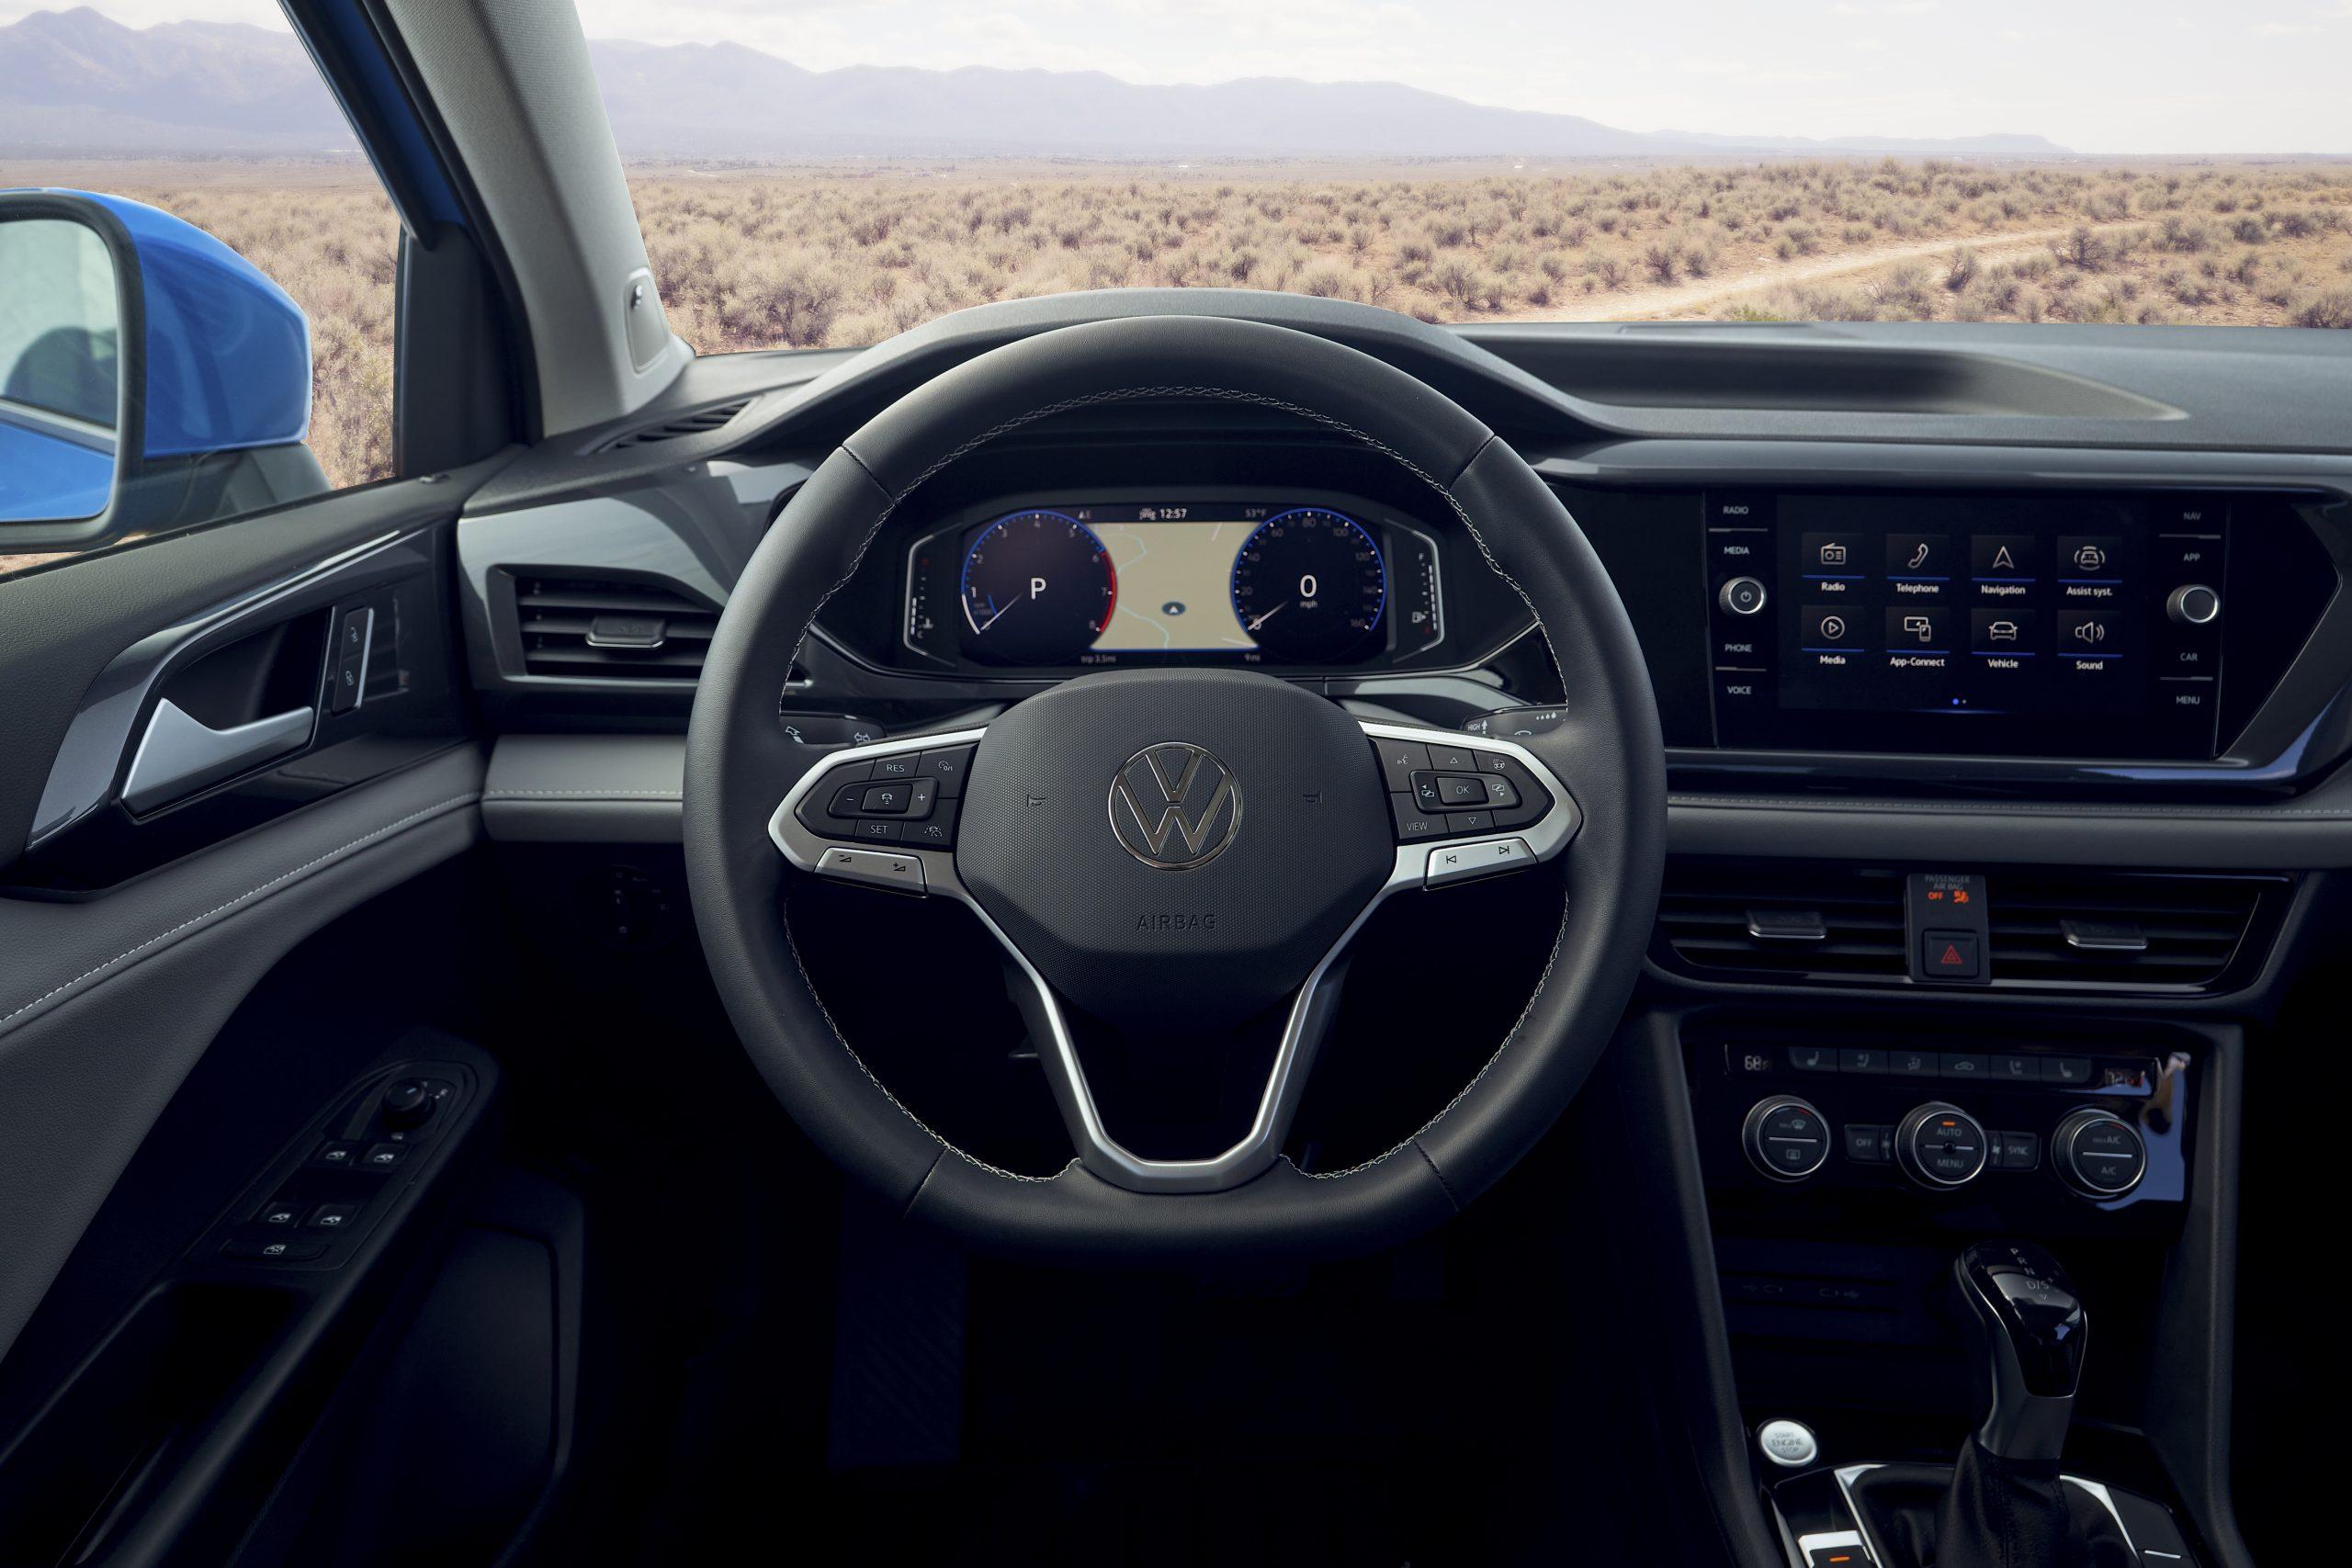 2022 Volkswagen Taos interior steering wheel